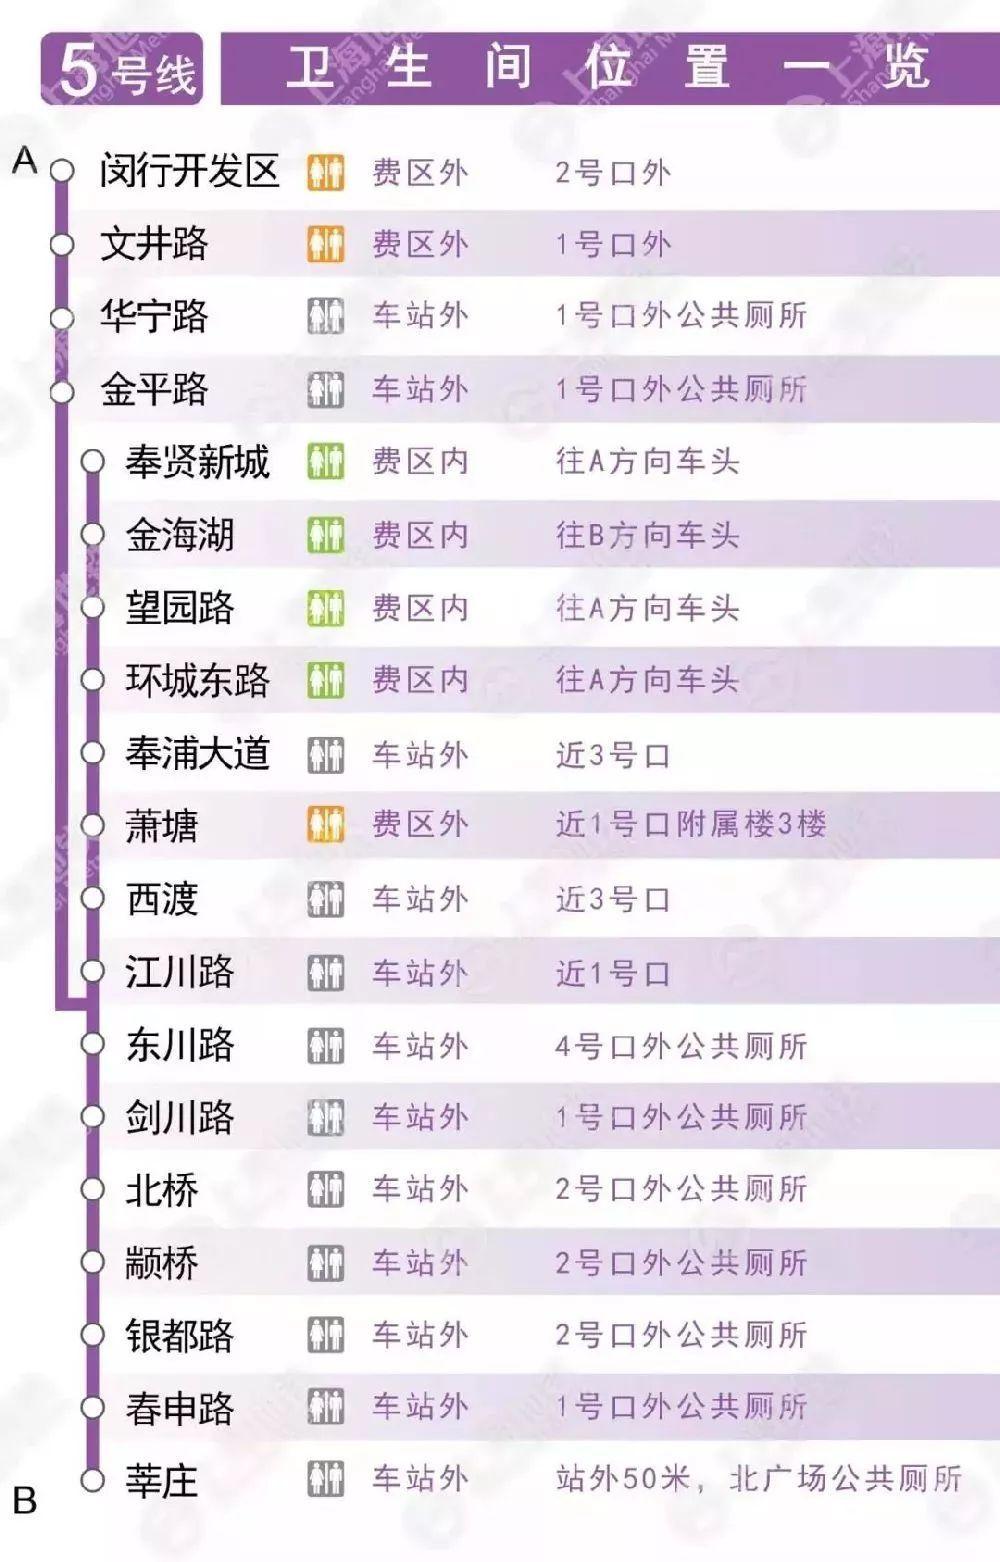 广州地铁8号线末班车时间- 本地宝